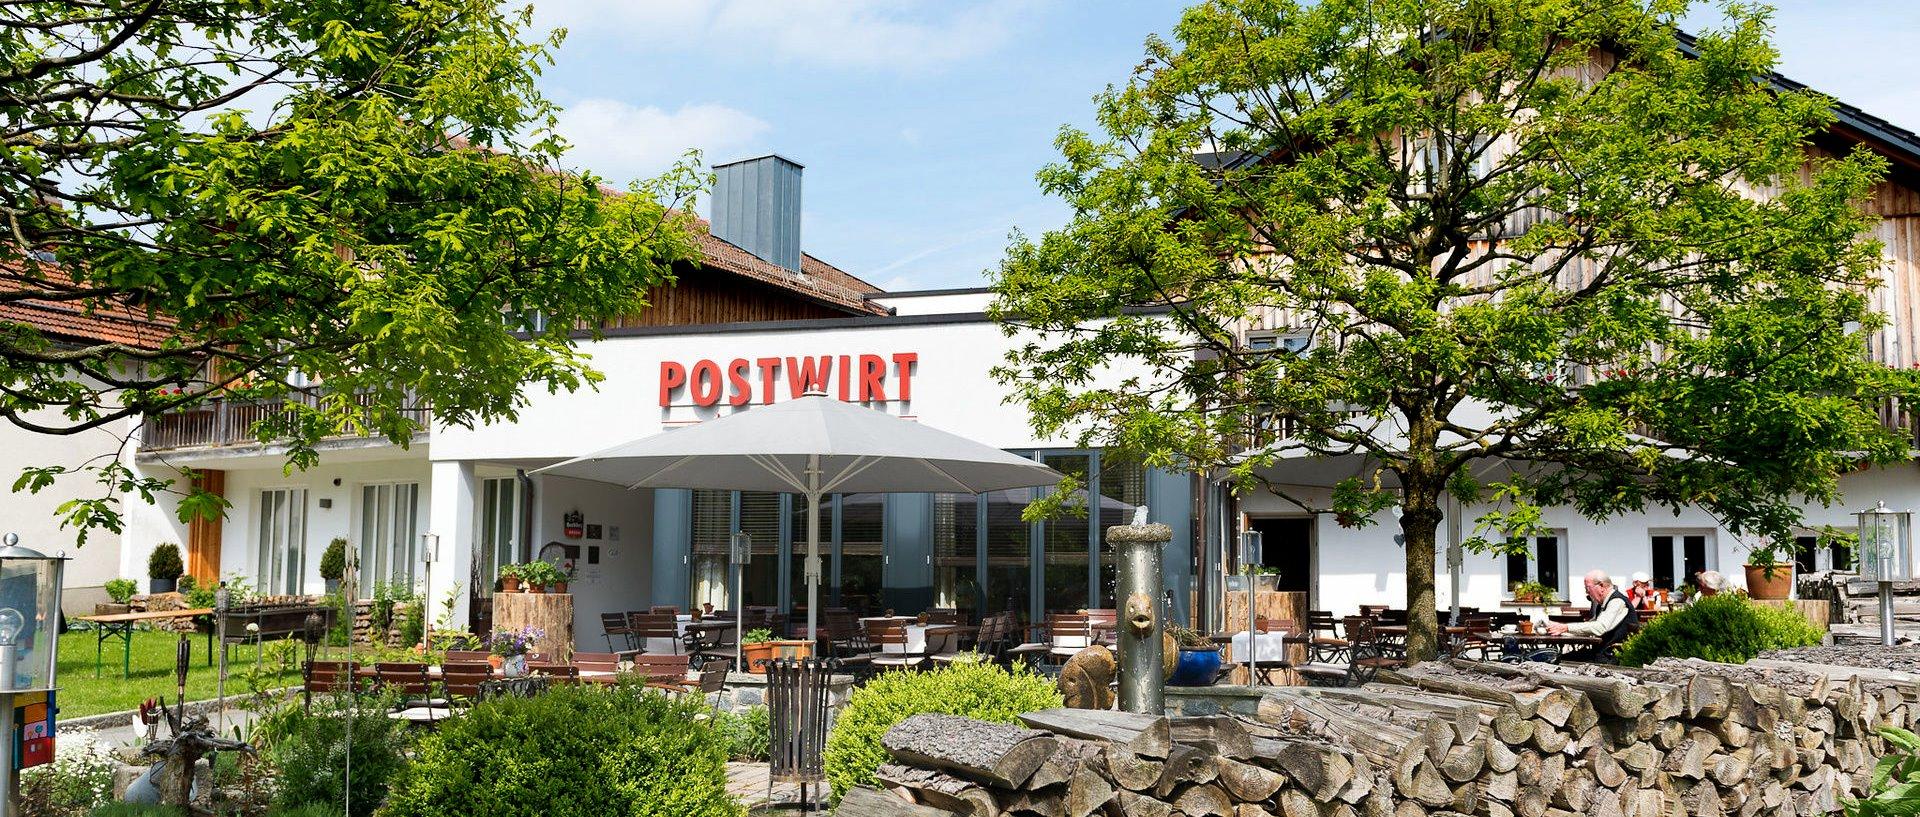 Grafenau Ferienwohnung mit Frühstück und Wellness Angebot im Hotel Postwirt